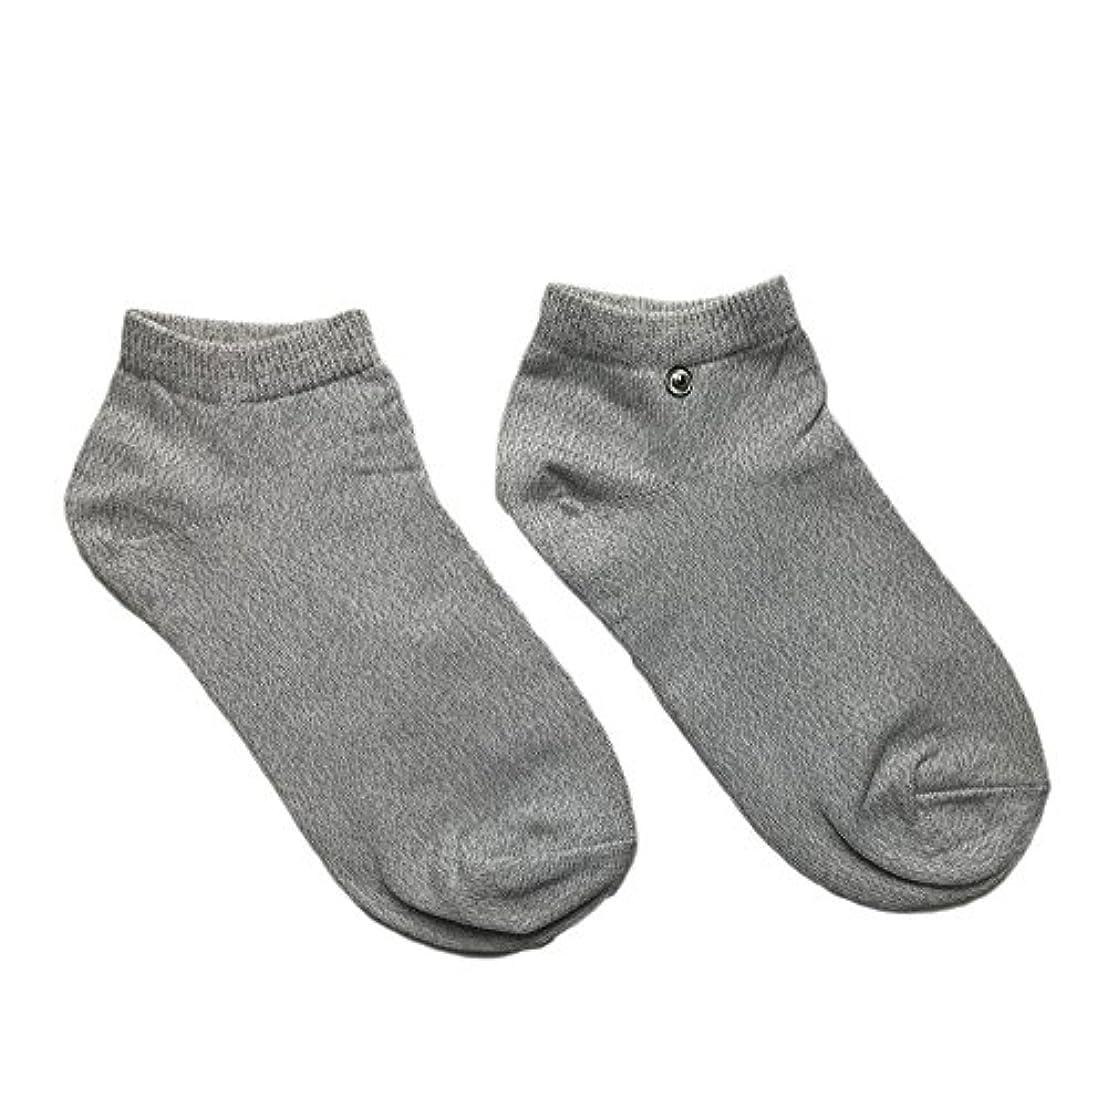 モックしっかりネズミriraku-life(??????) 大地と繋がるアーシング健康法用 アーシングソックス(low) 導電性靴下 (M)